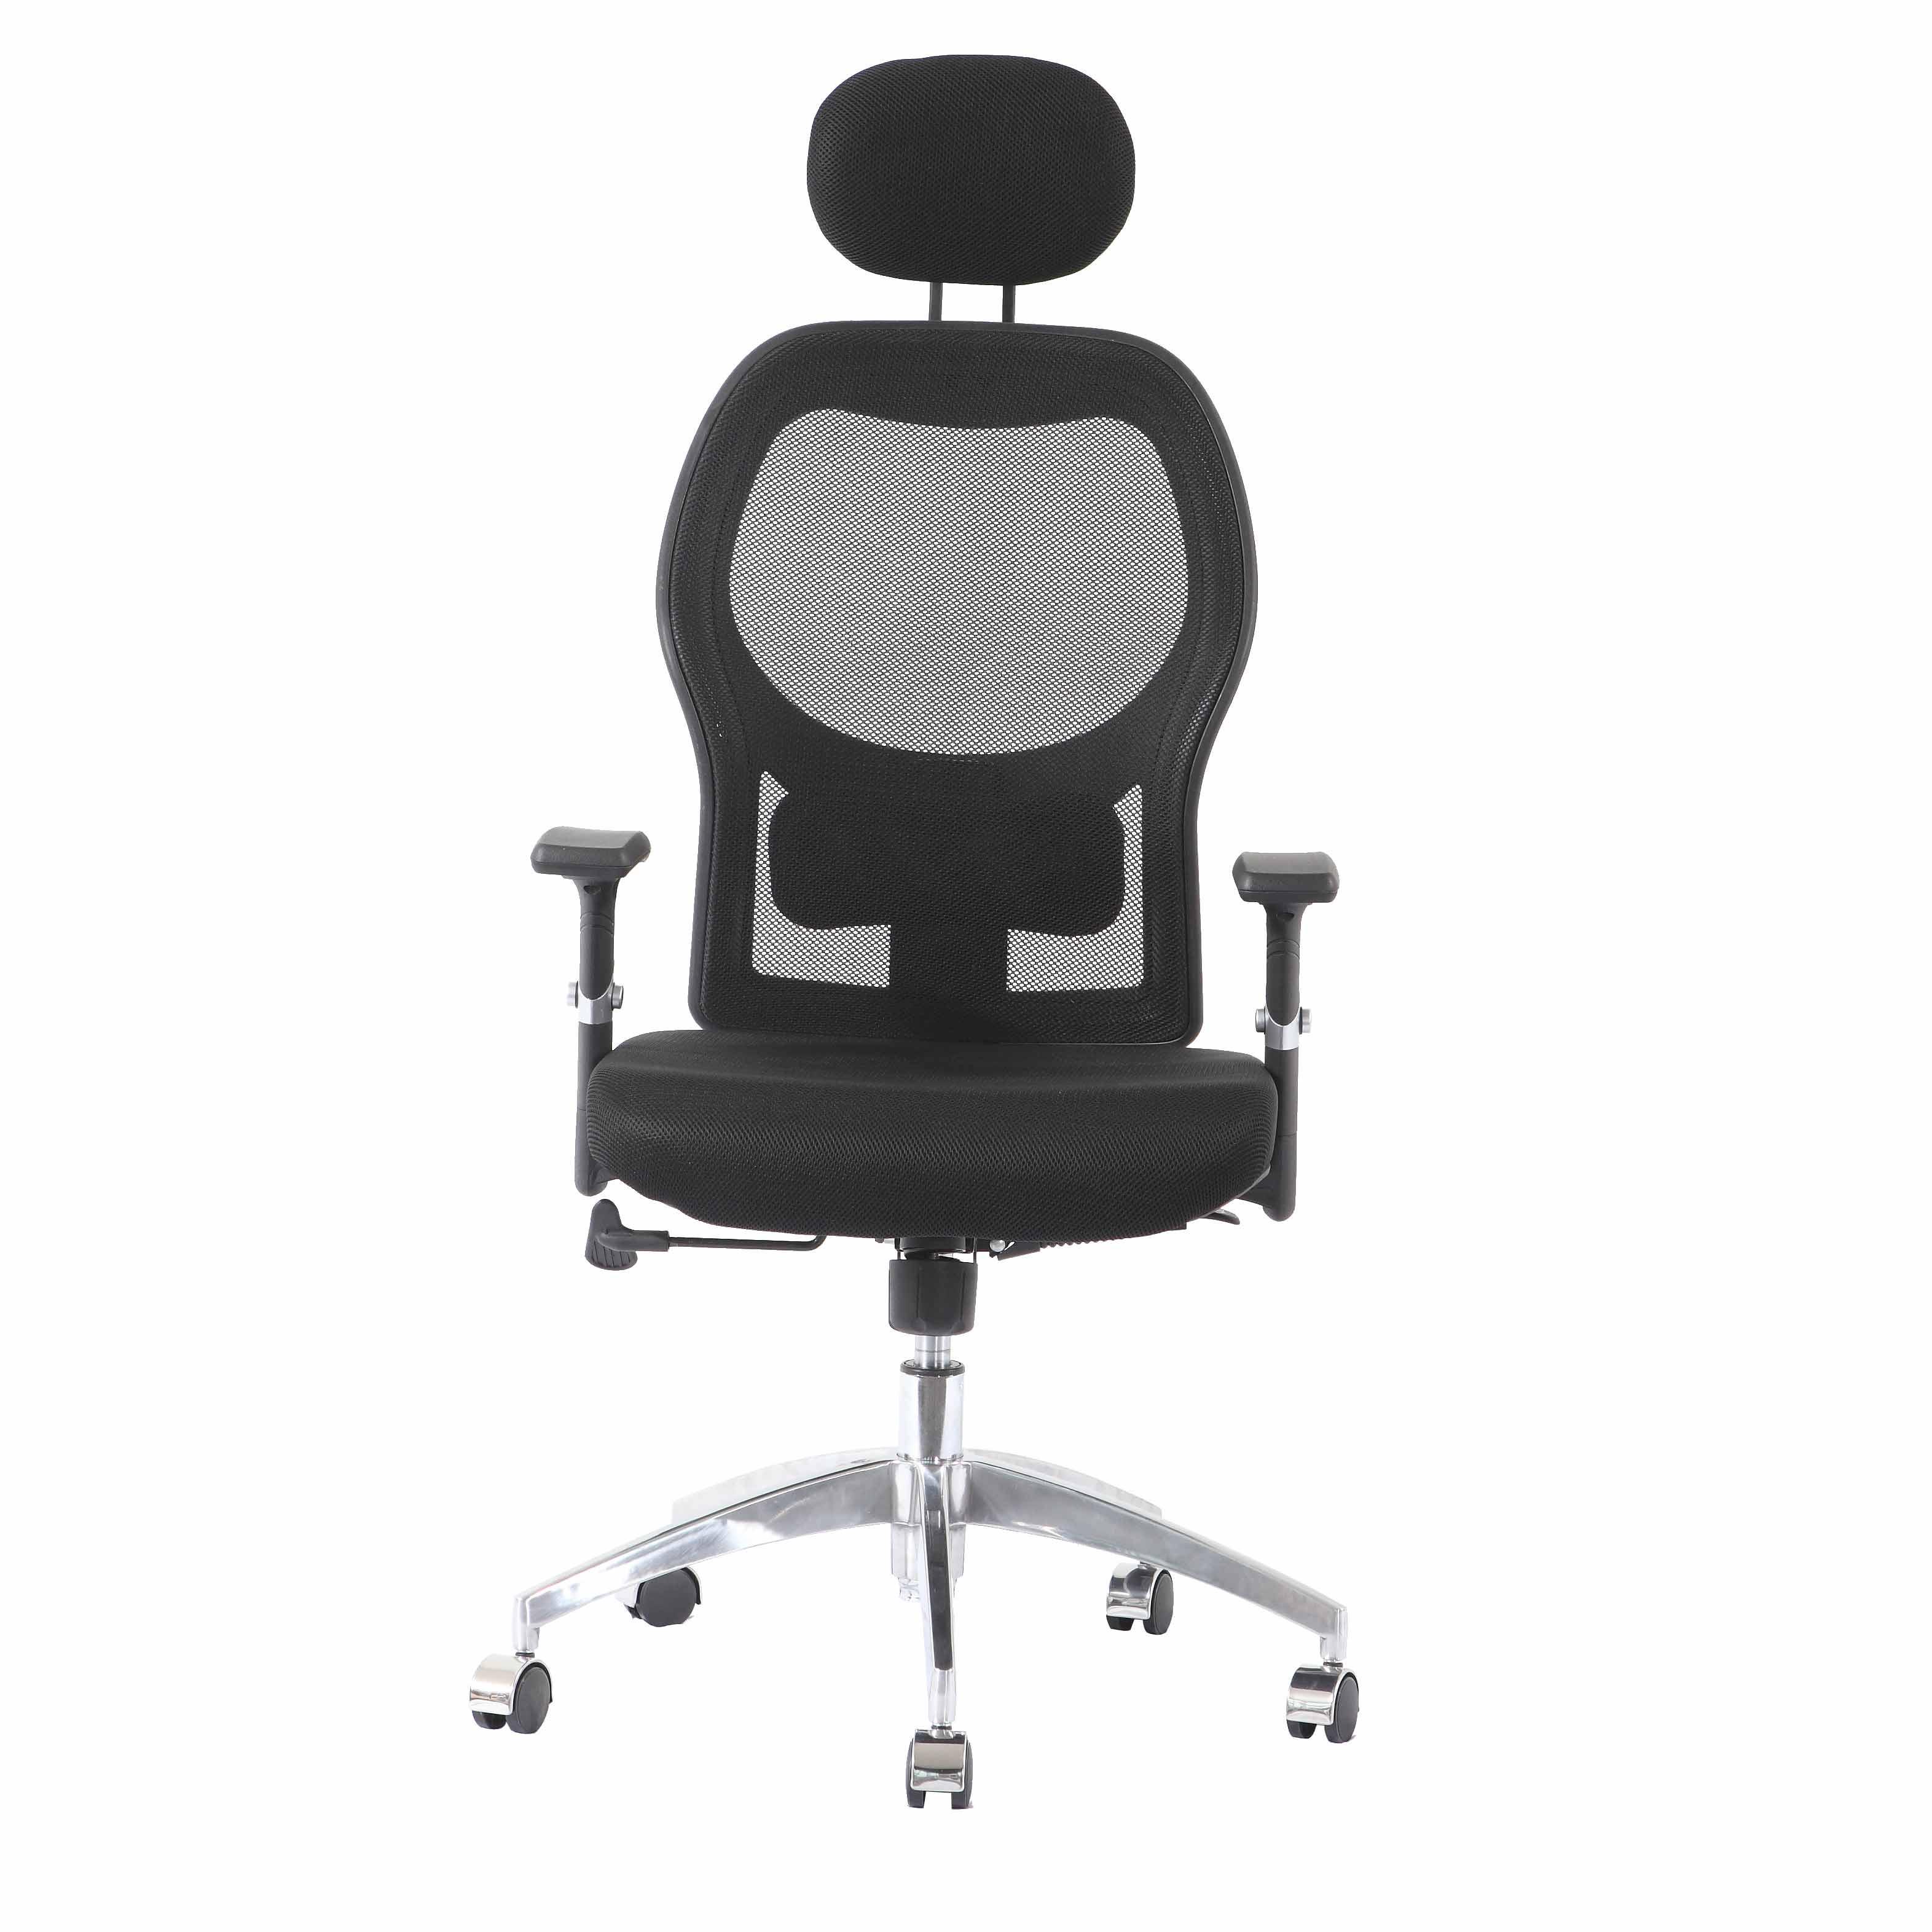 座椅系列网布椅Y-B150109